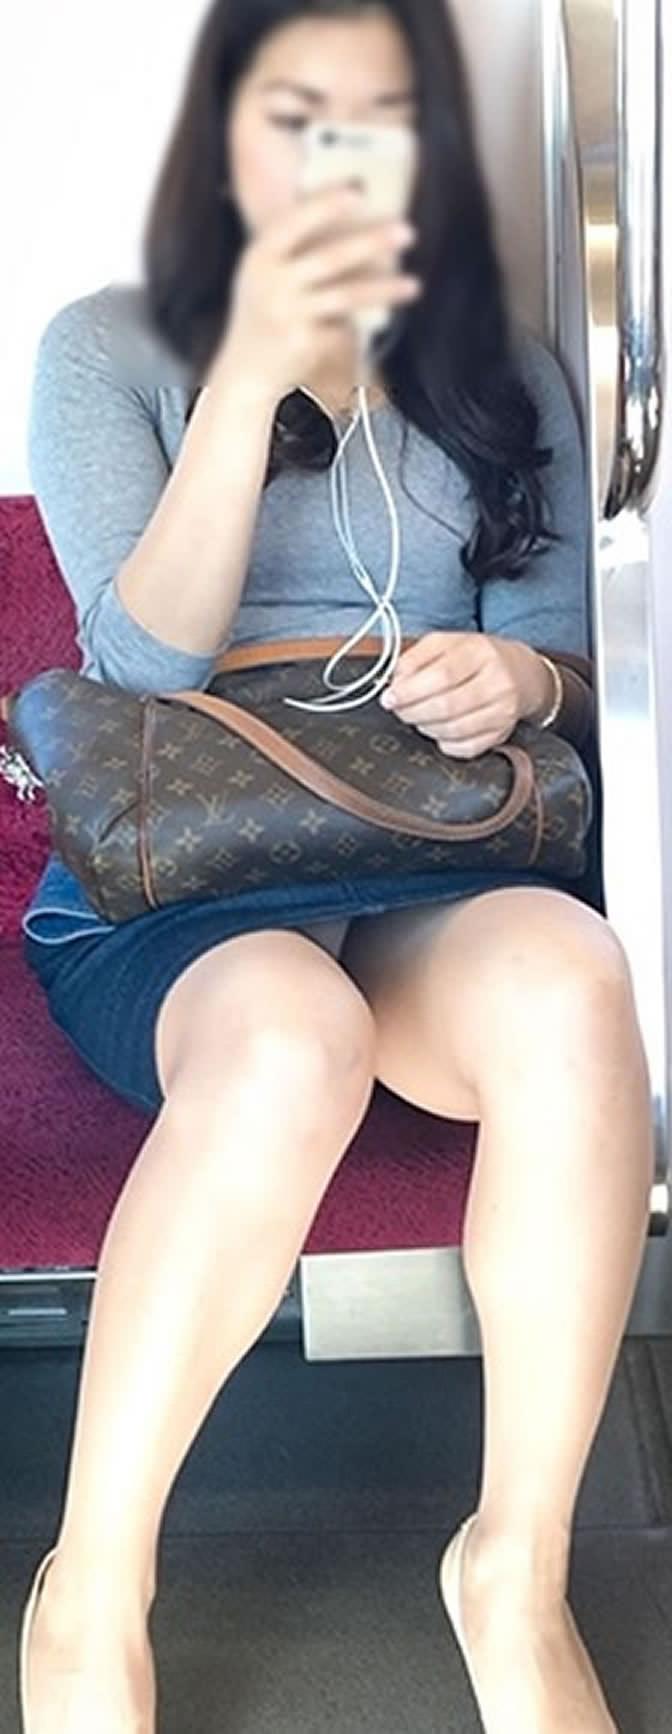 大人っぽい感じの女性のパンチラ隠し撮り!